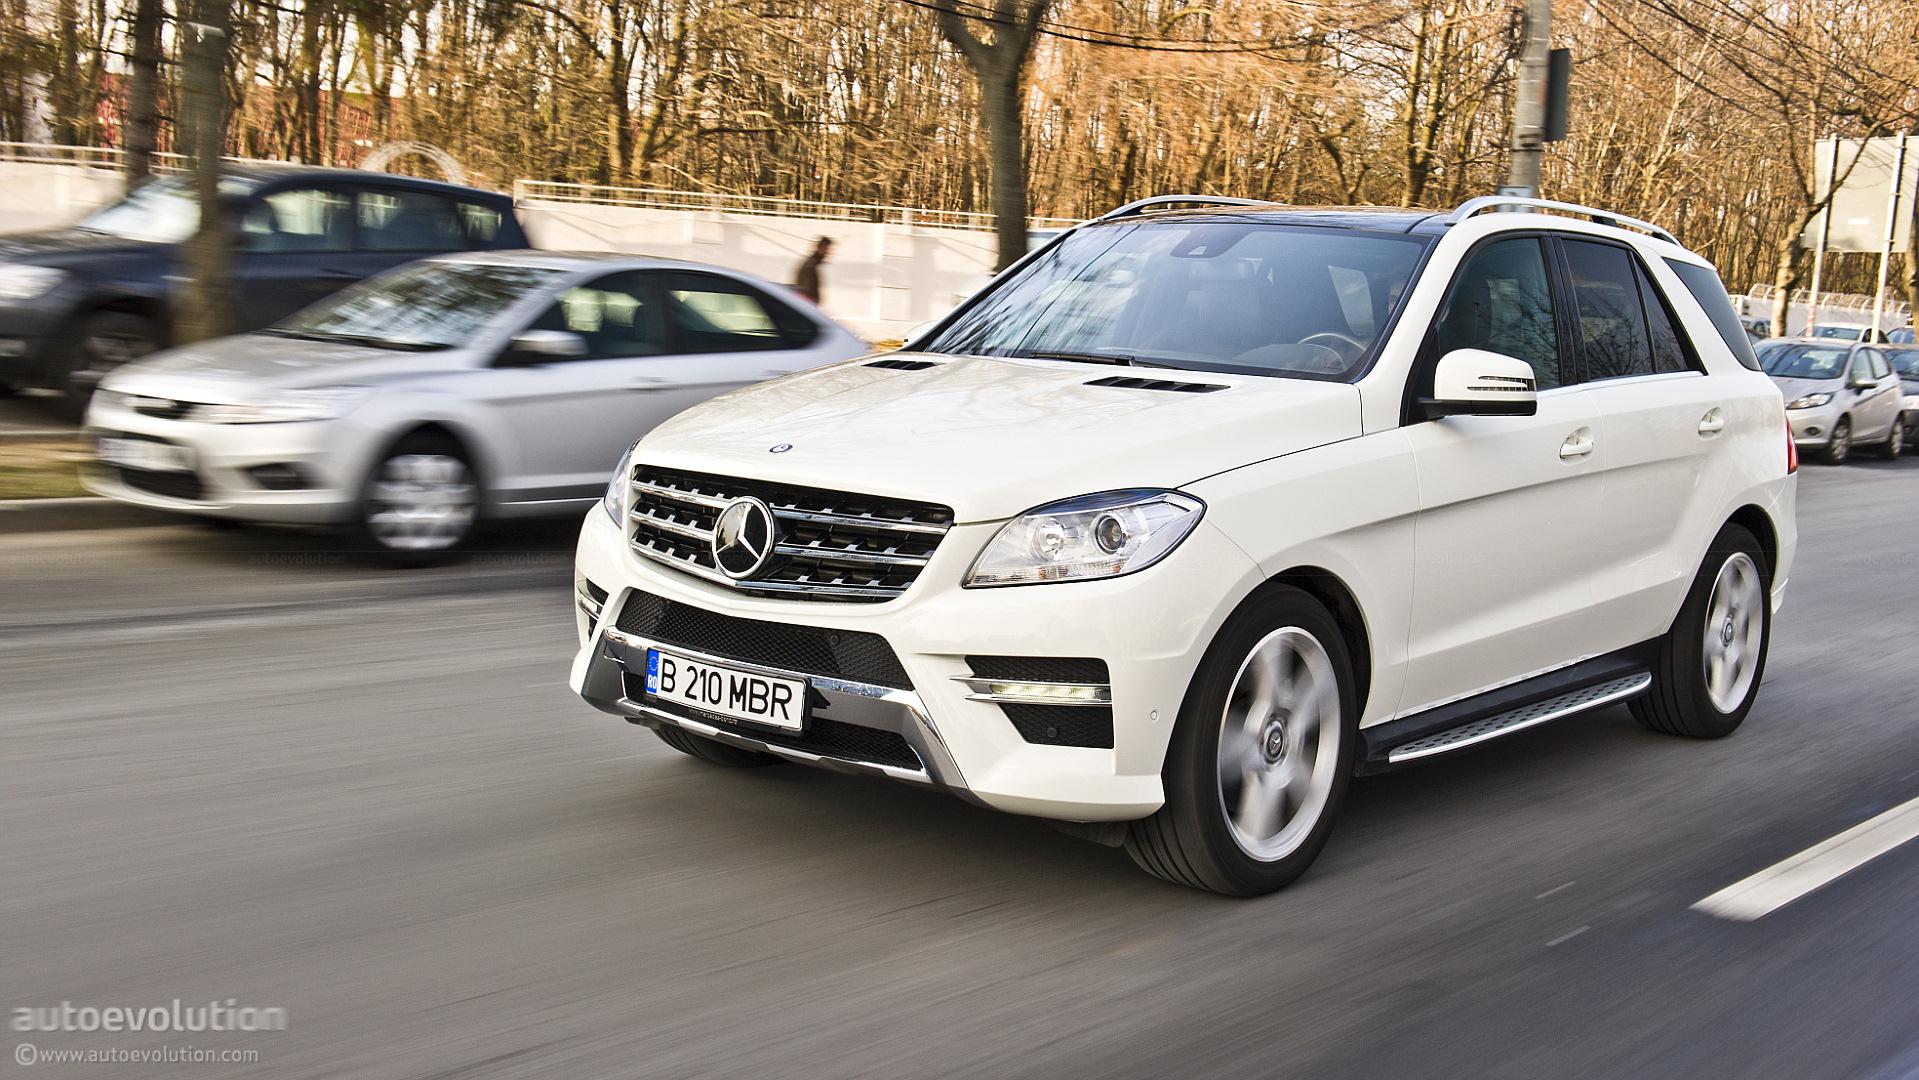 Ml 250 2012 ml350 bluetec problems autos post for Mercedes benz ml350 bluetec review